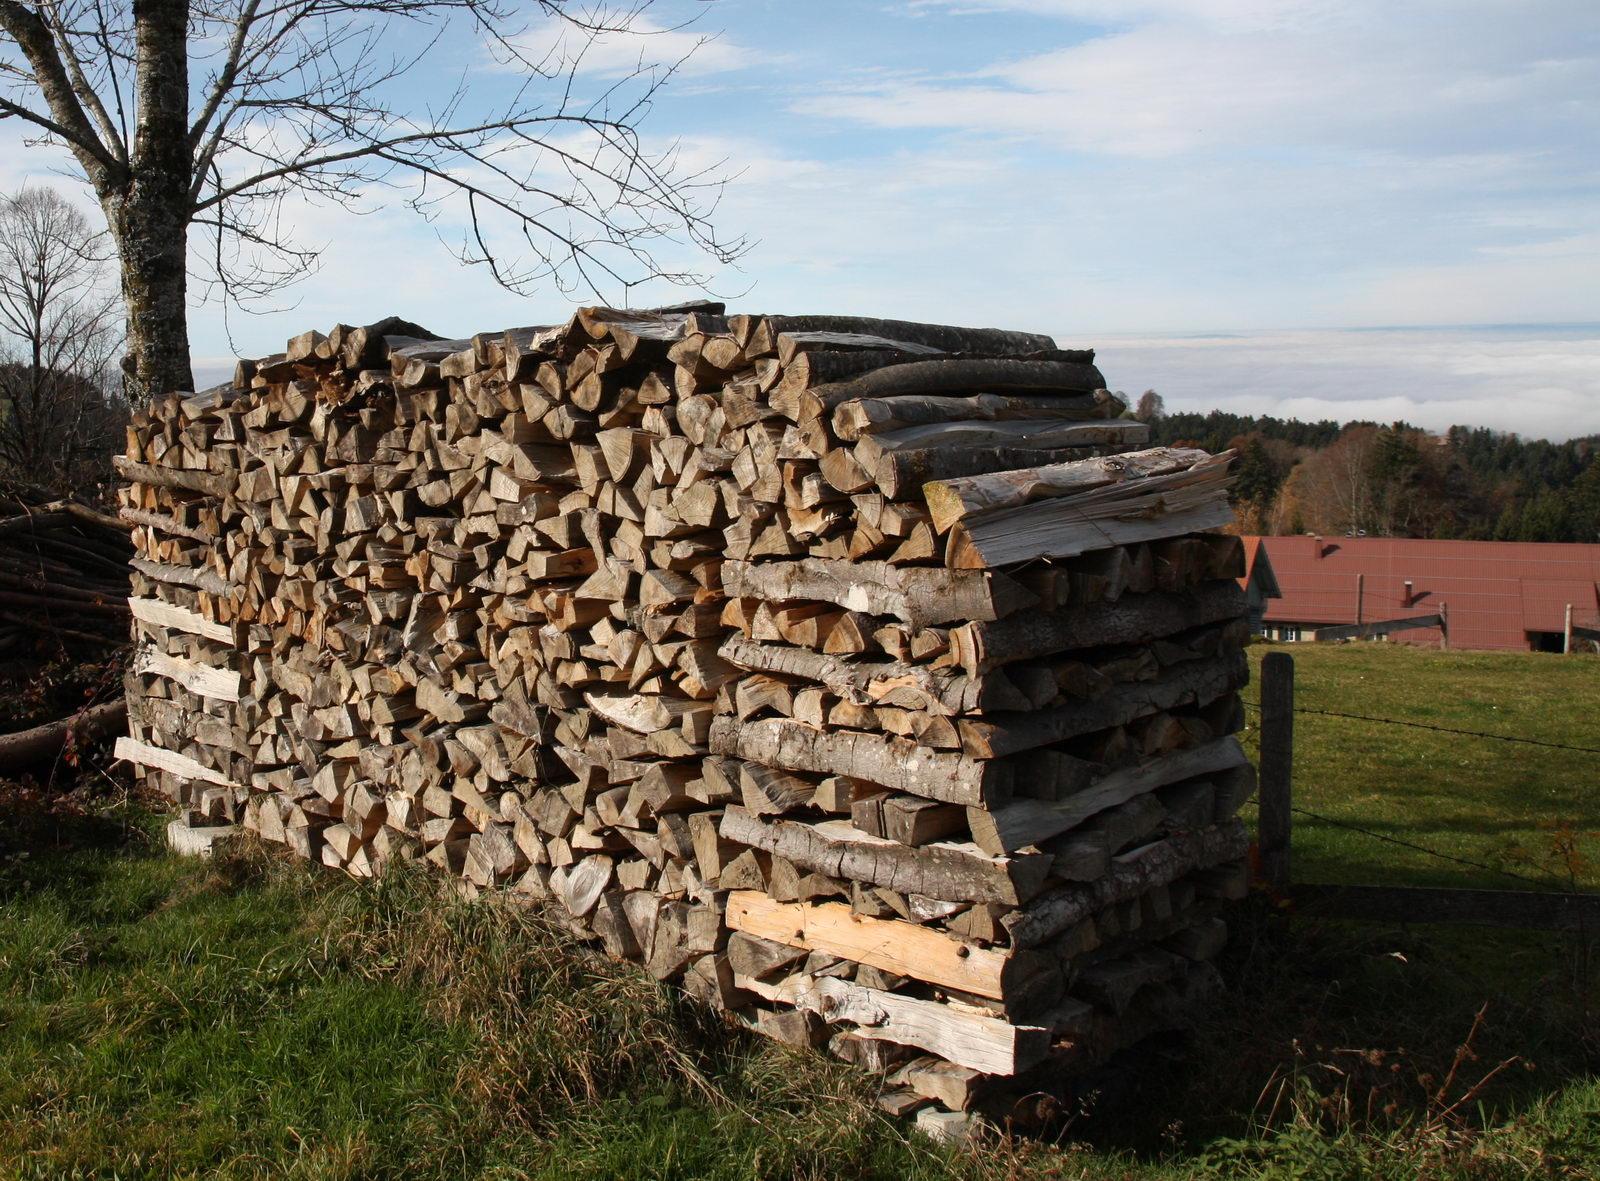 Anleitung zum Holz stapeln